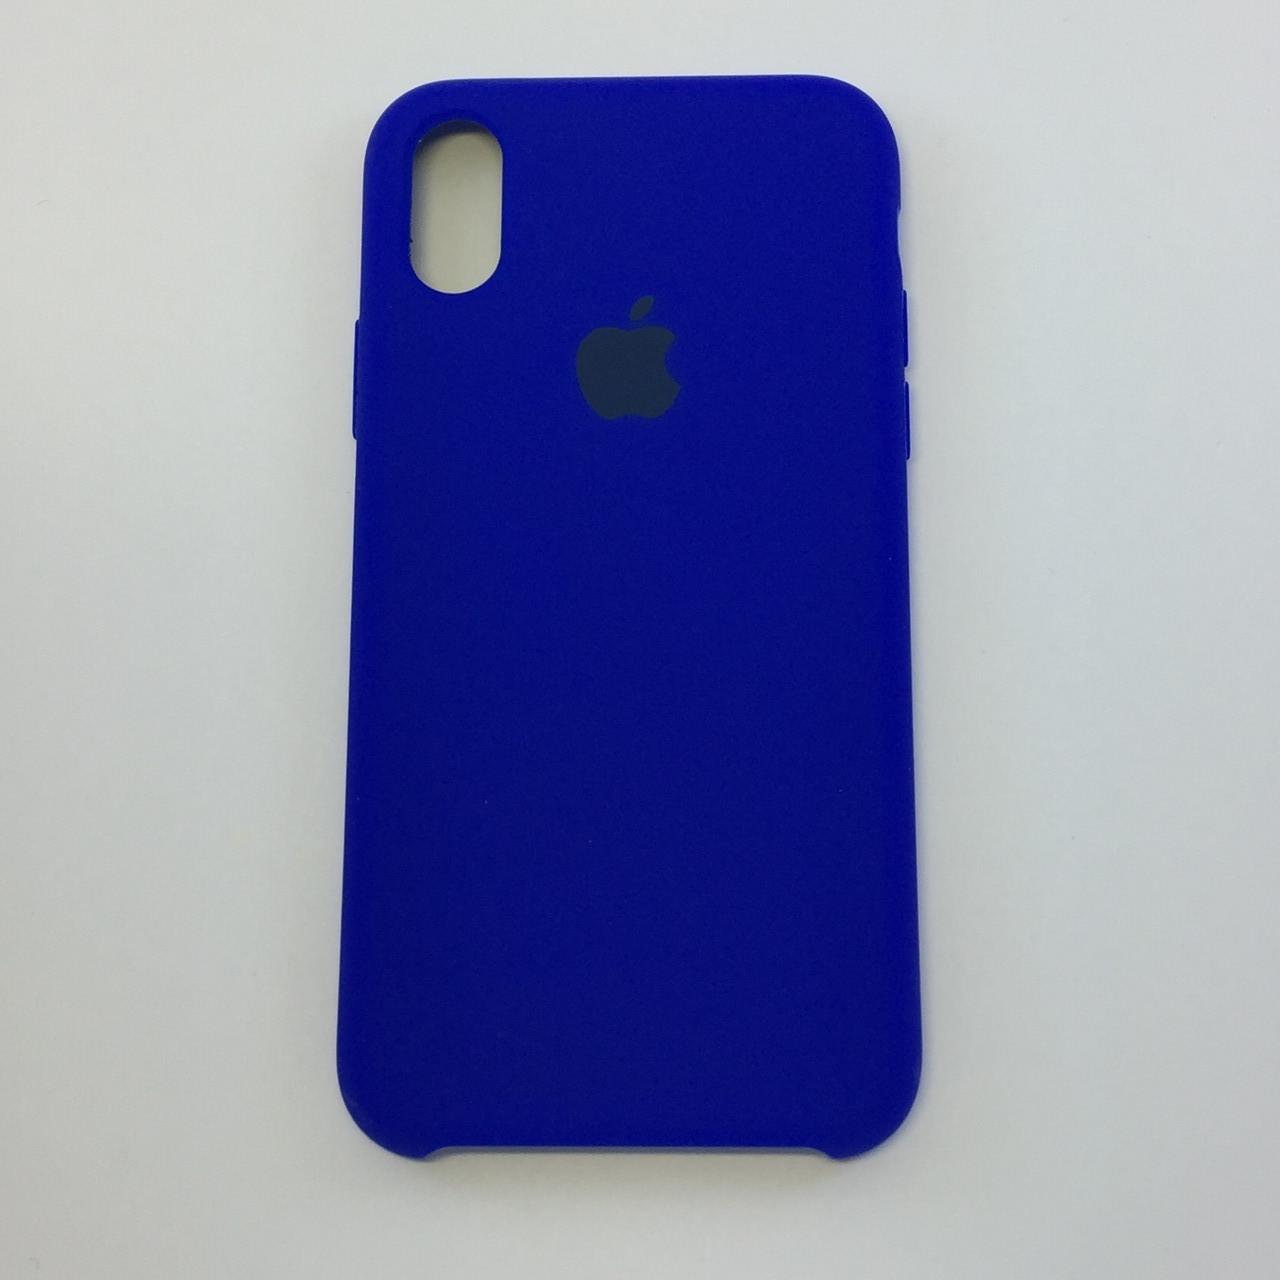 Силиконовый чехол iPhone X / Xs, электрик, copy original